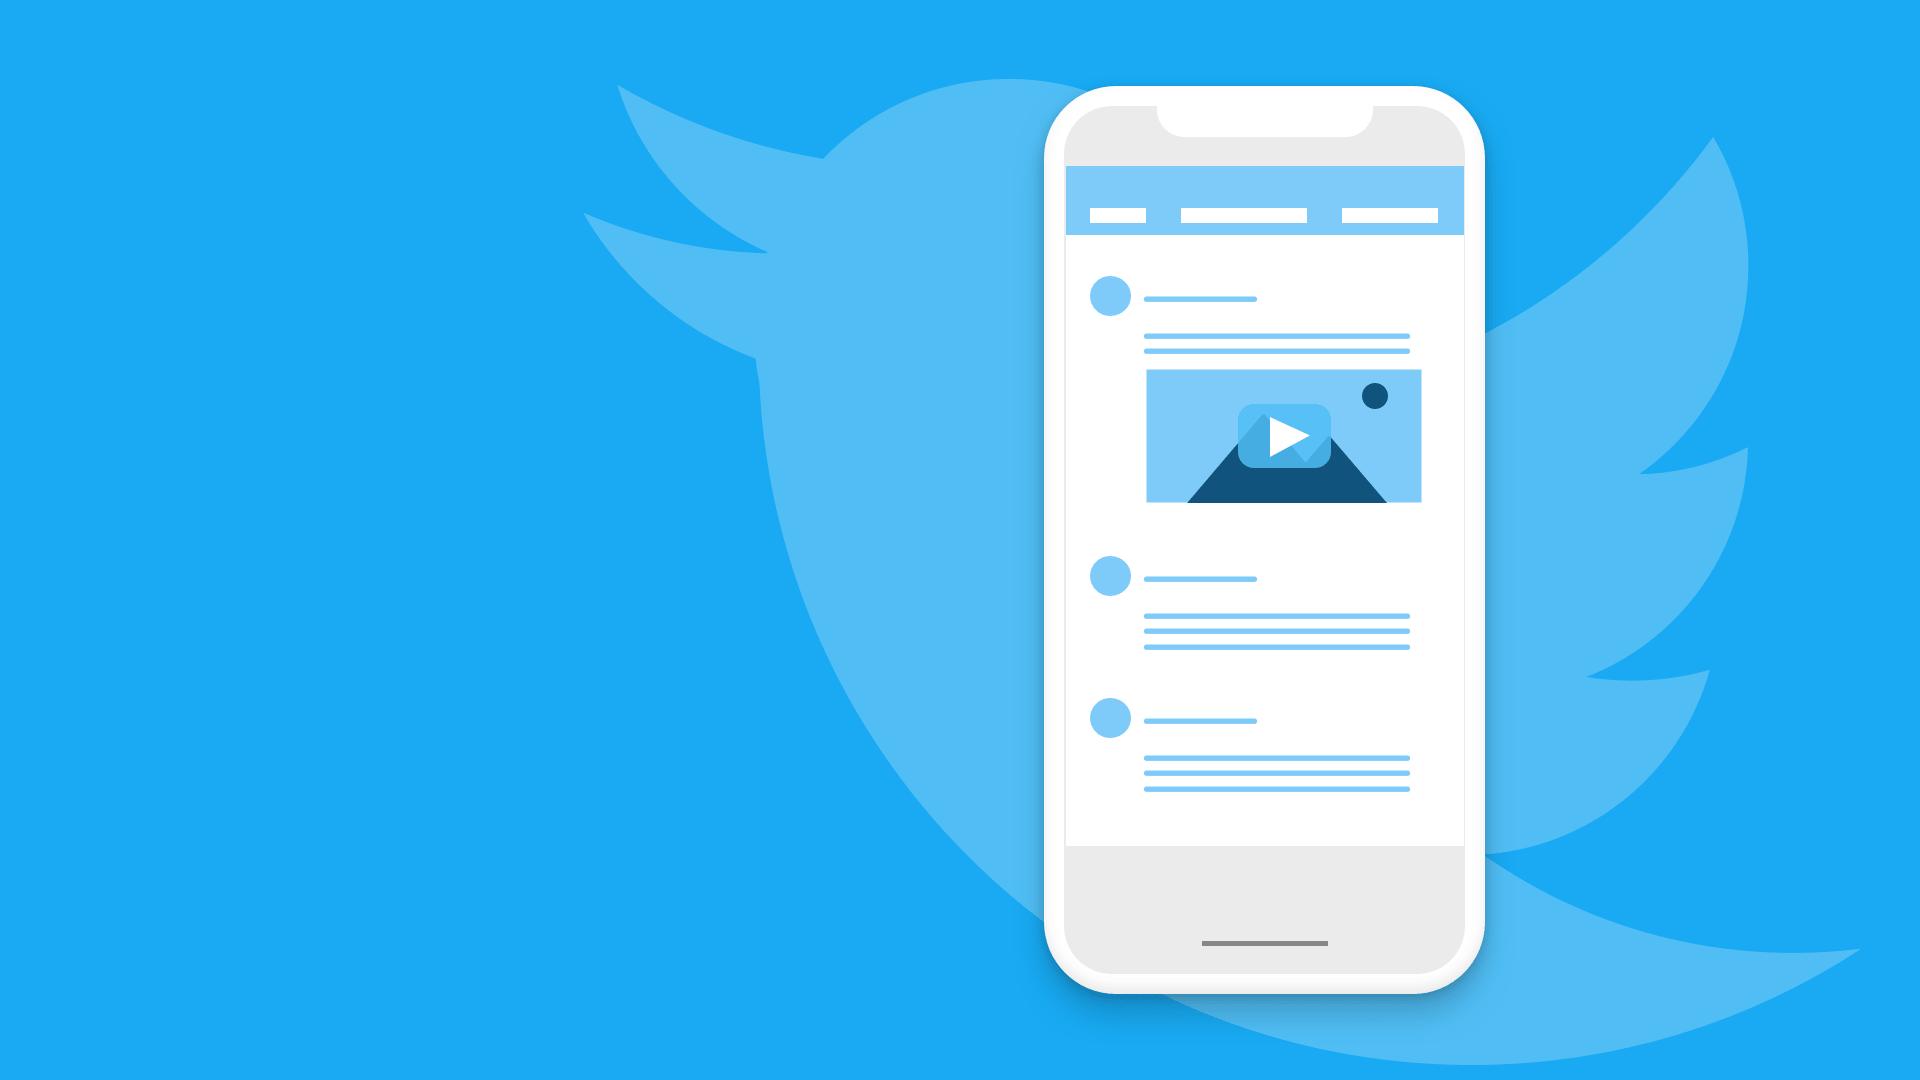 Logo do twitter e um celular com um vídeo